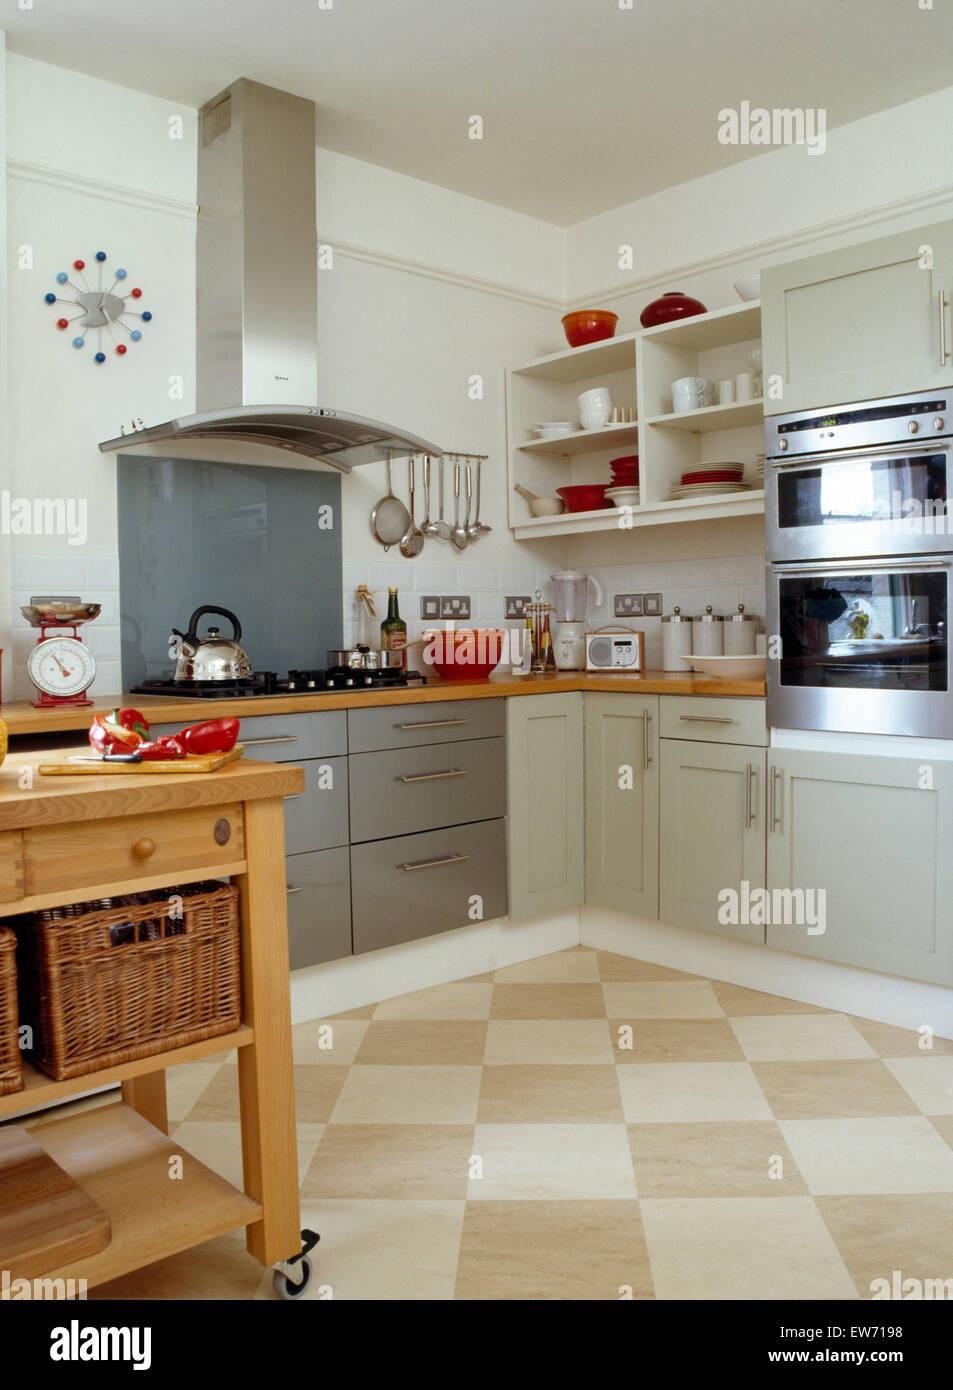 Scacchiera pavimento in mattonelle in cucina moderna con acciaio inossidabile estrattore al di - Mattonelle pavimento cucina ...